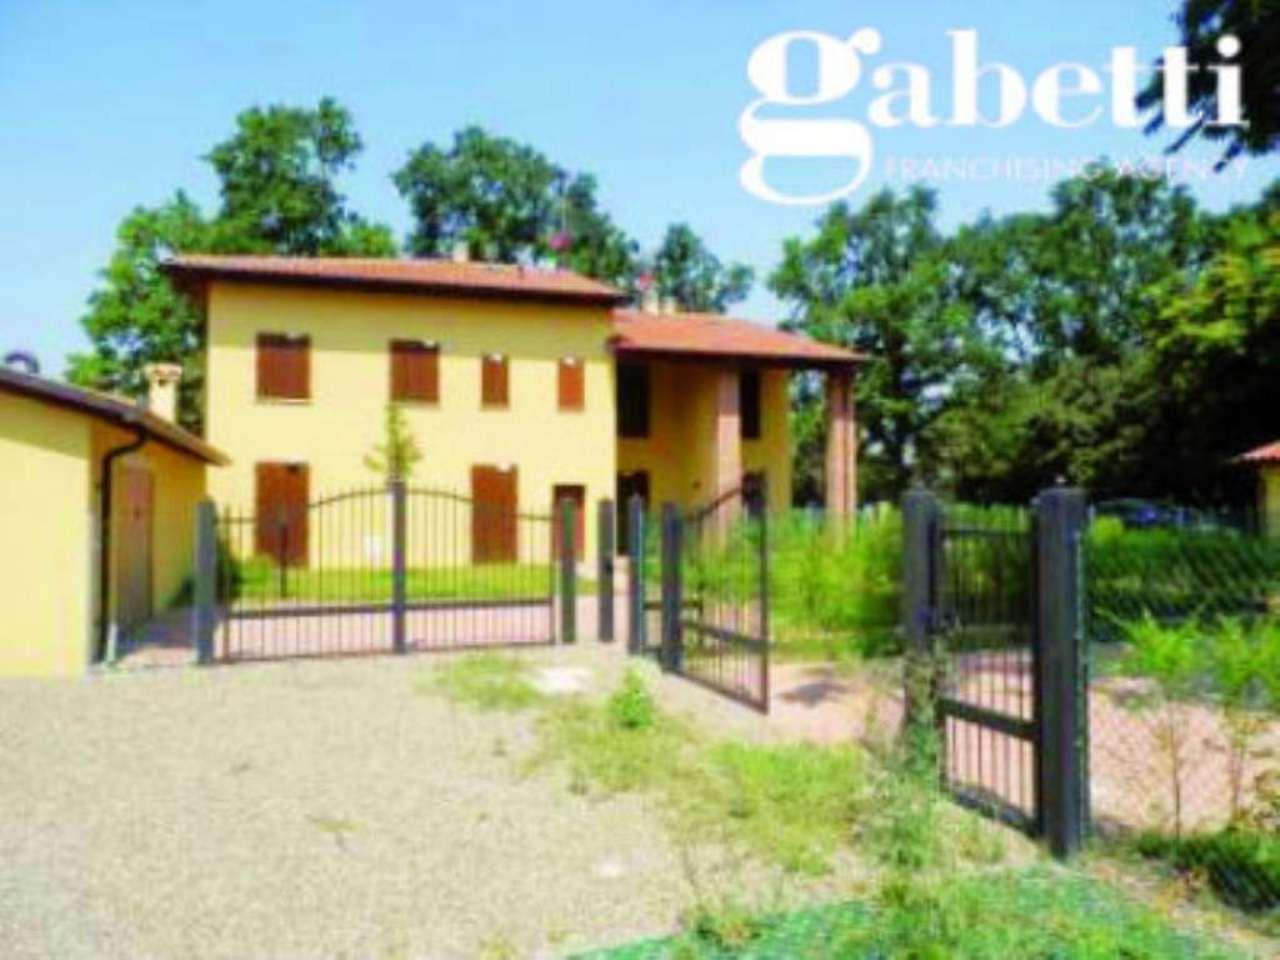 Villa Tri-Quadrifamiliare in vendita a Castel Maggiore, 5 locali, prezzo € 555.000 | Cambio Casa.it